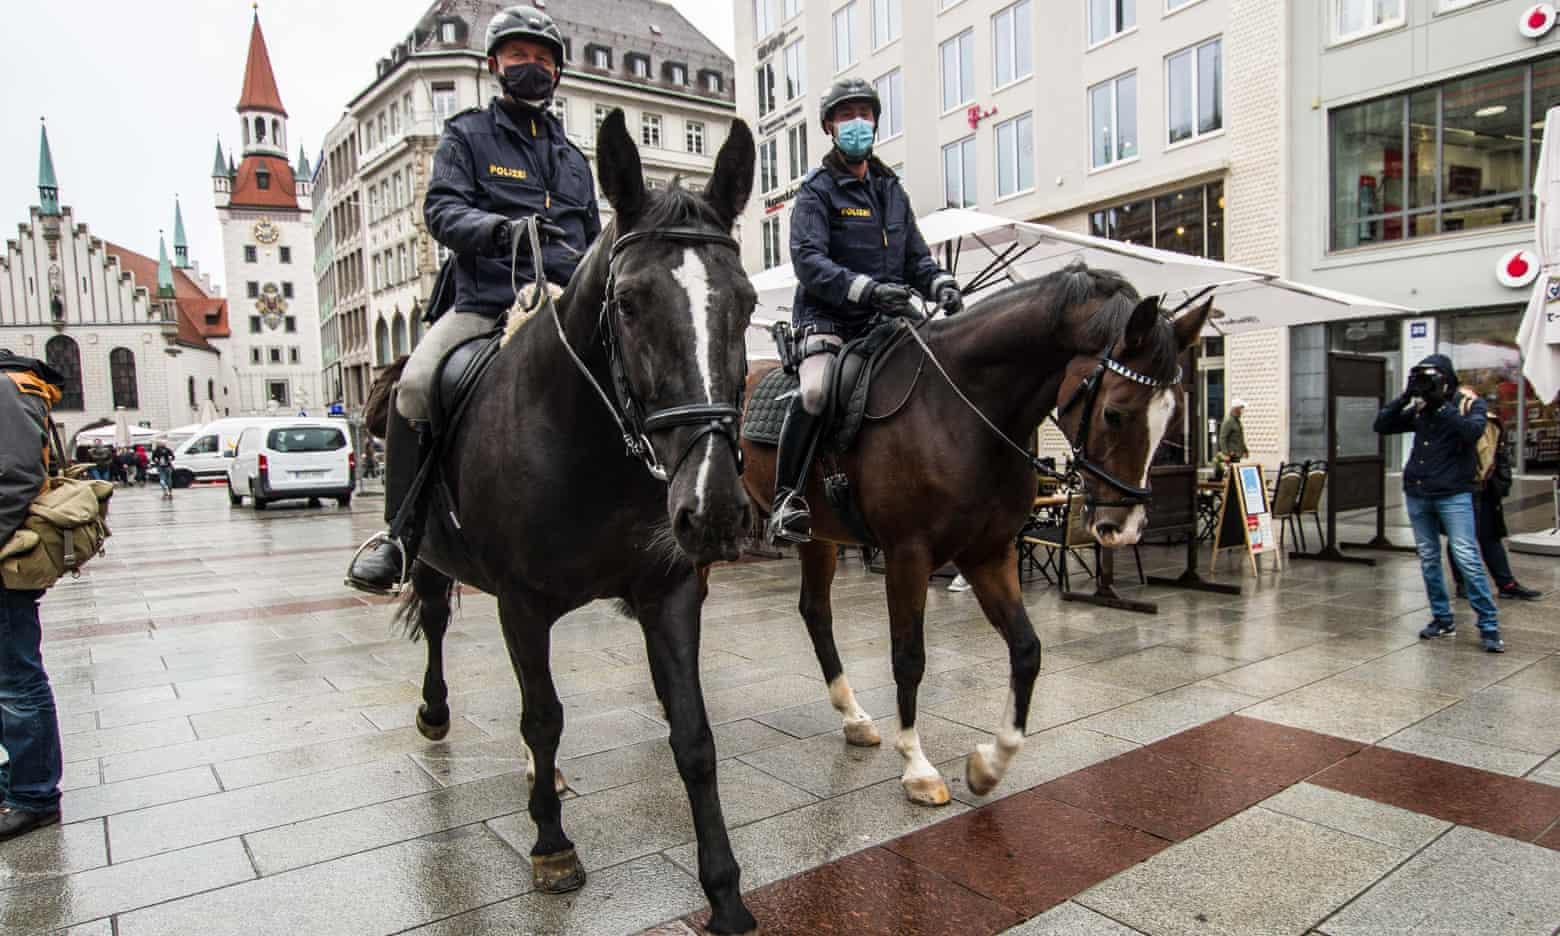 Mounted police patrol Marienplatz and the pedestrian zone in Munich, Bavaria. Photograph: Sachelle Babbar/ZUMA Wire/REX/Shutterstock